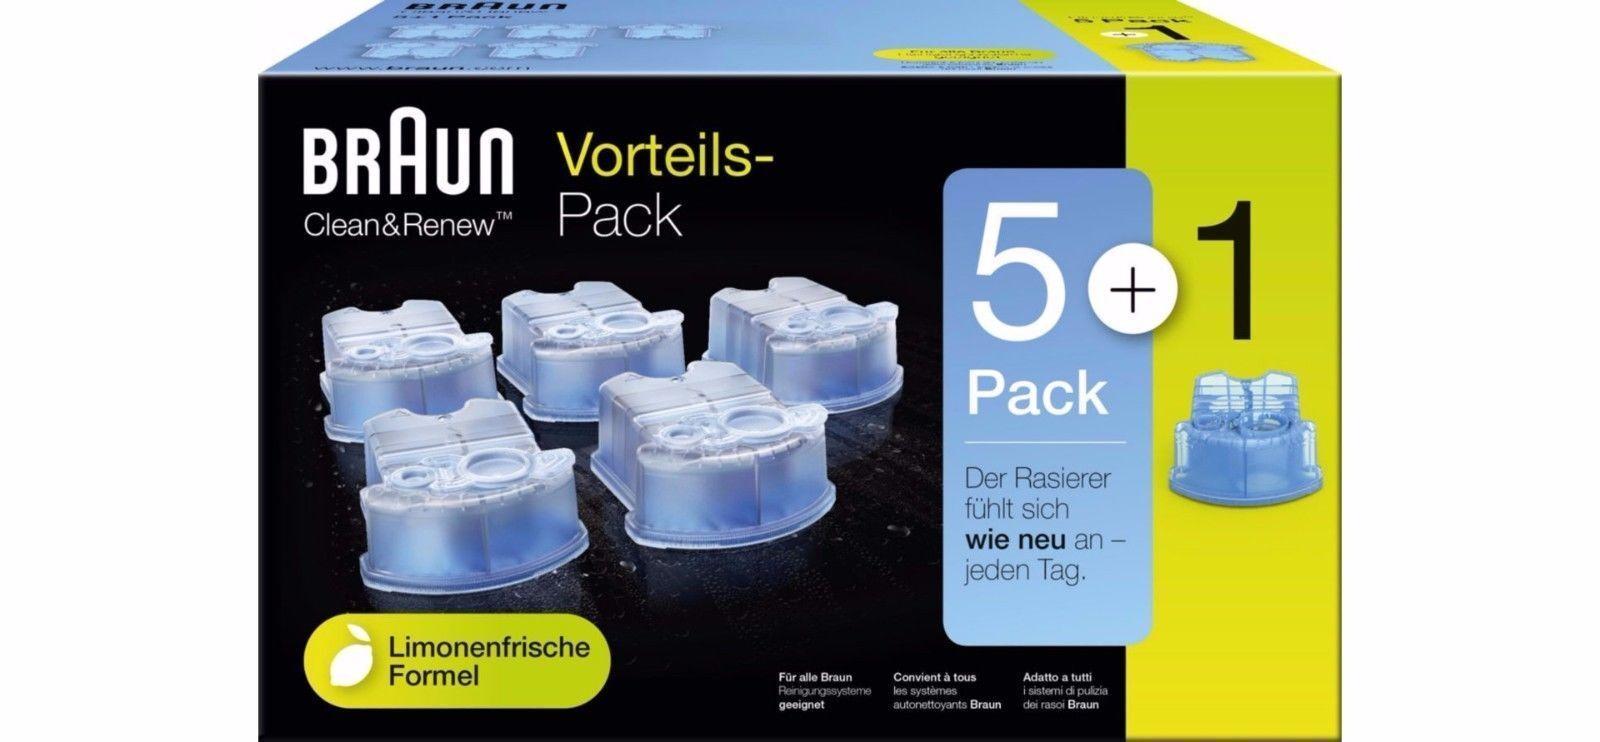 Braun CCR 5+1 Clean&Renew Reinigungskartusche [6er-Pack] für Series 3-9 Rasierer